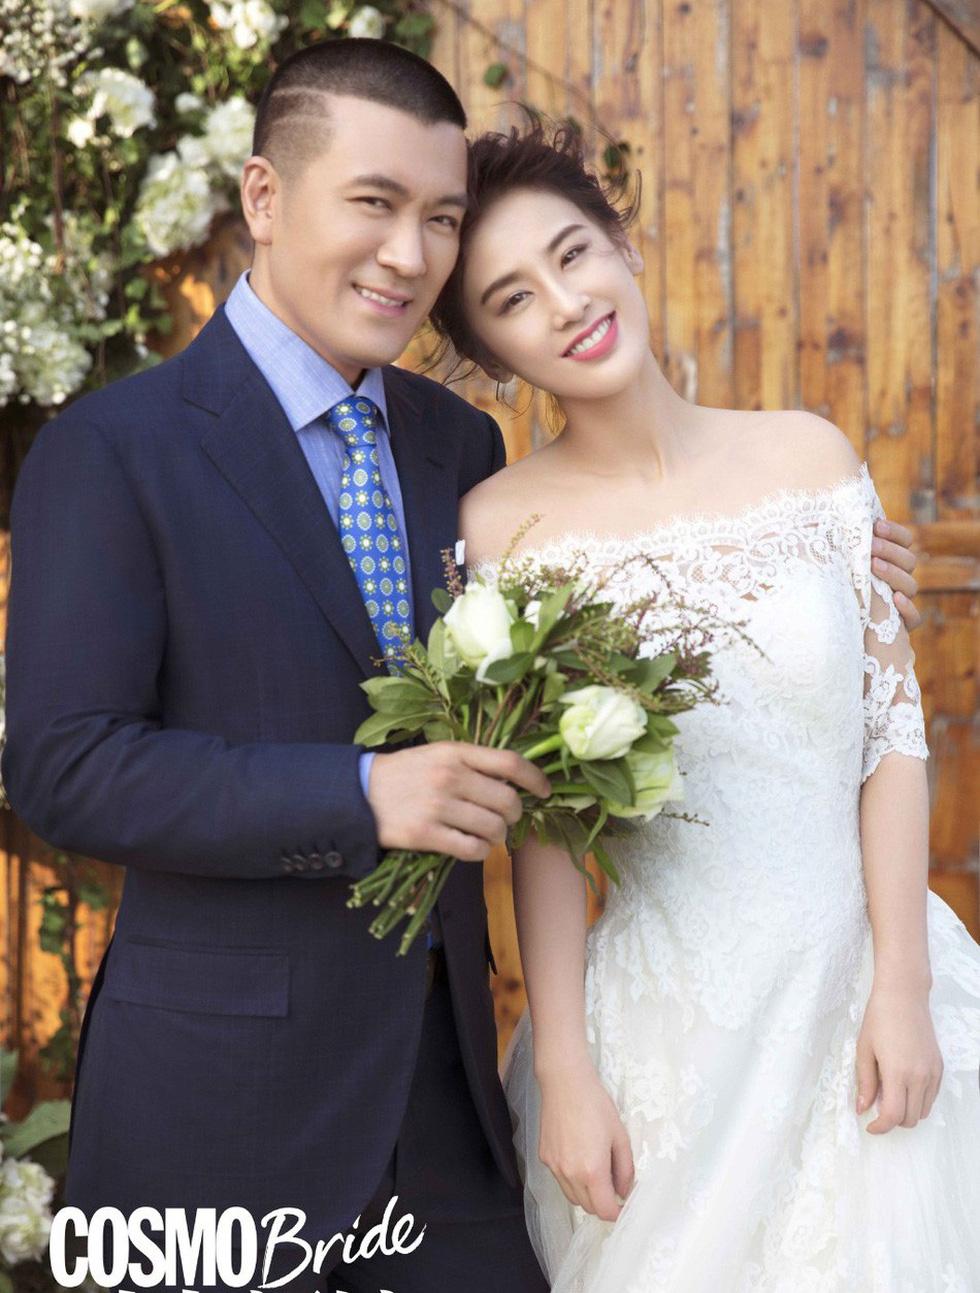 Huỳnh Thánh Y và chiếc áo cưới 10 năm đợi chờ - Ảnh 2.